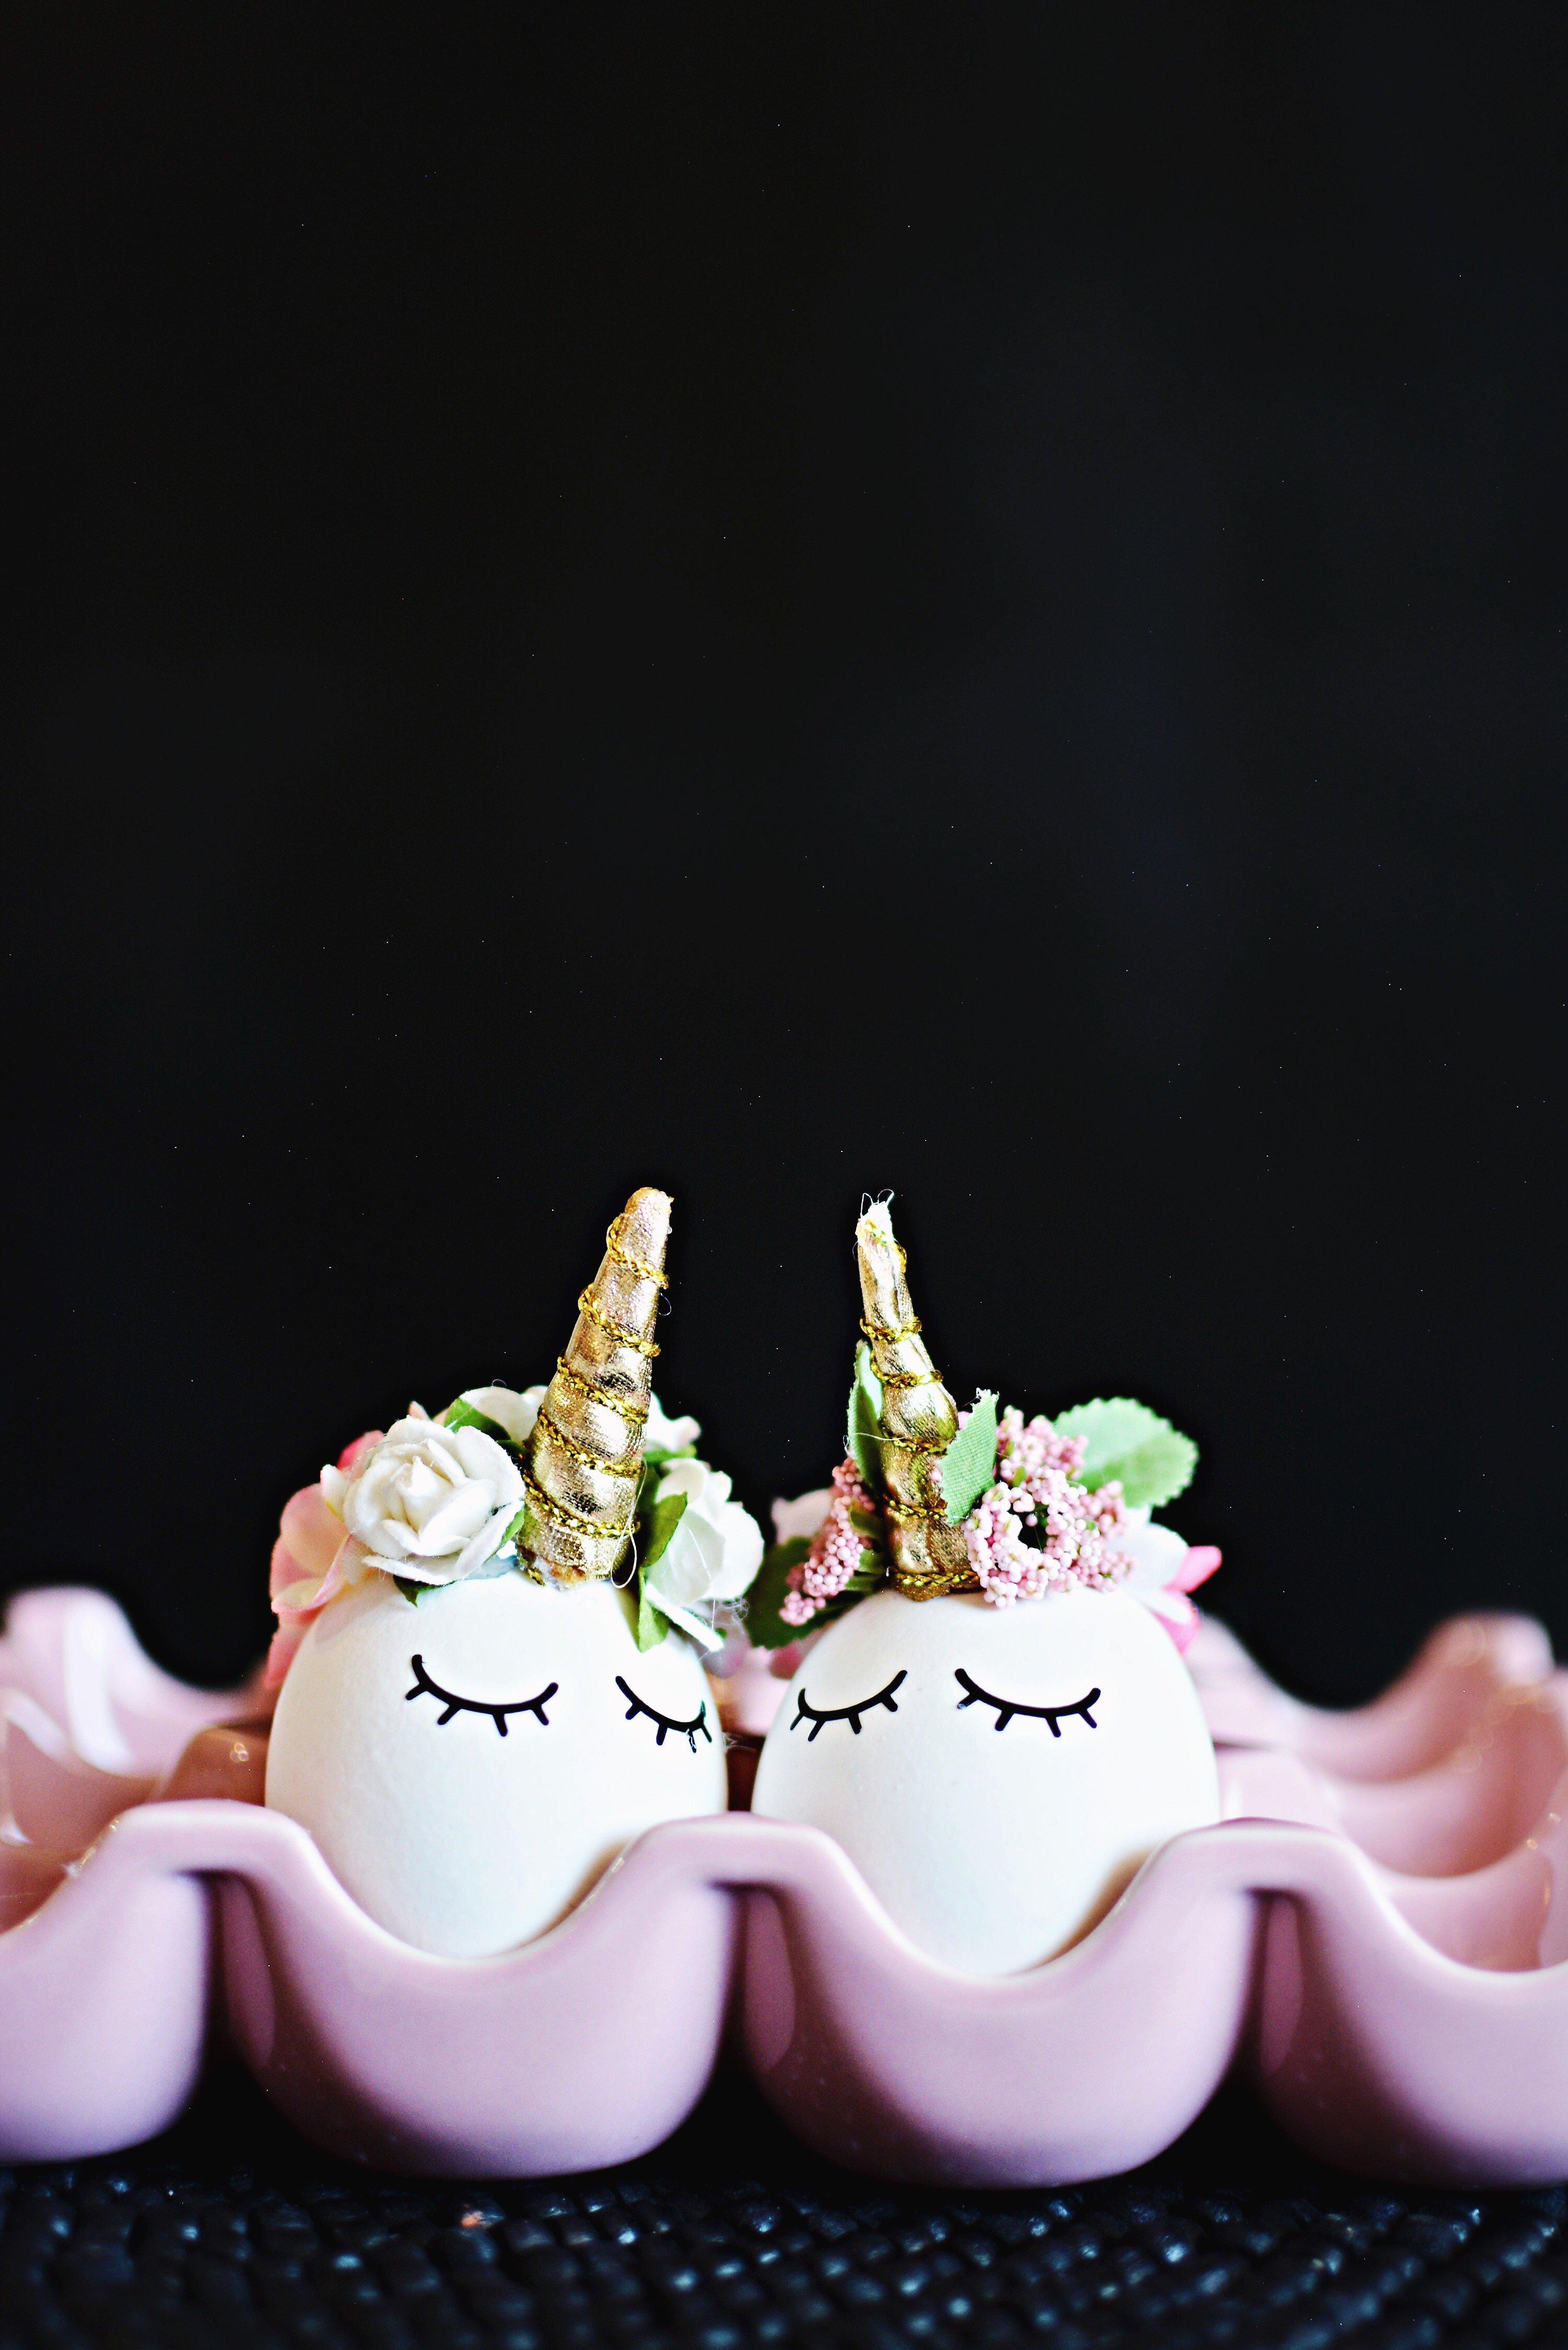 Oster Deko - Ausgeblasene Eier wie Einhorn dekorieren